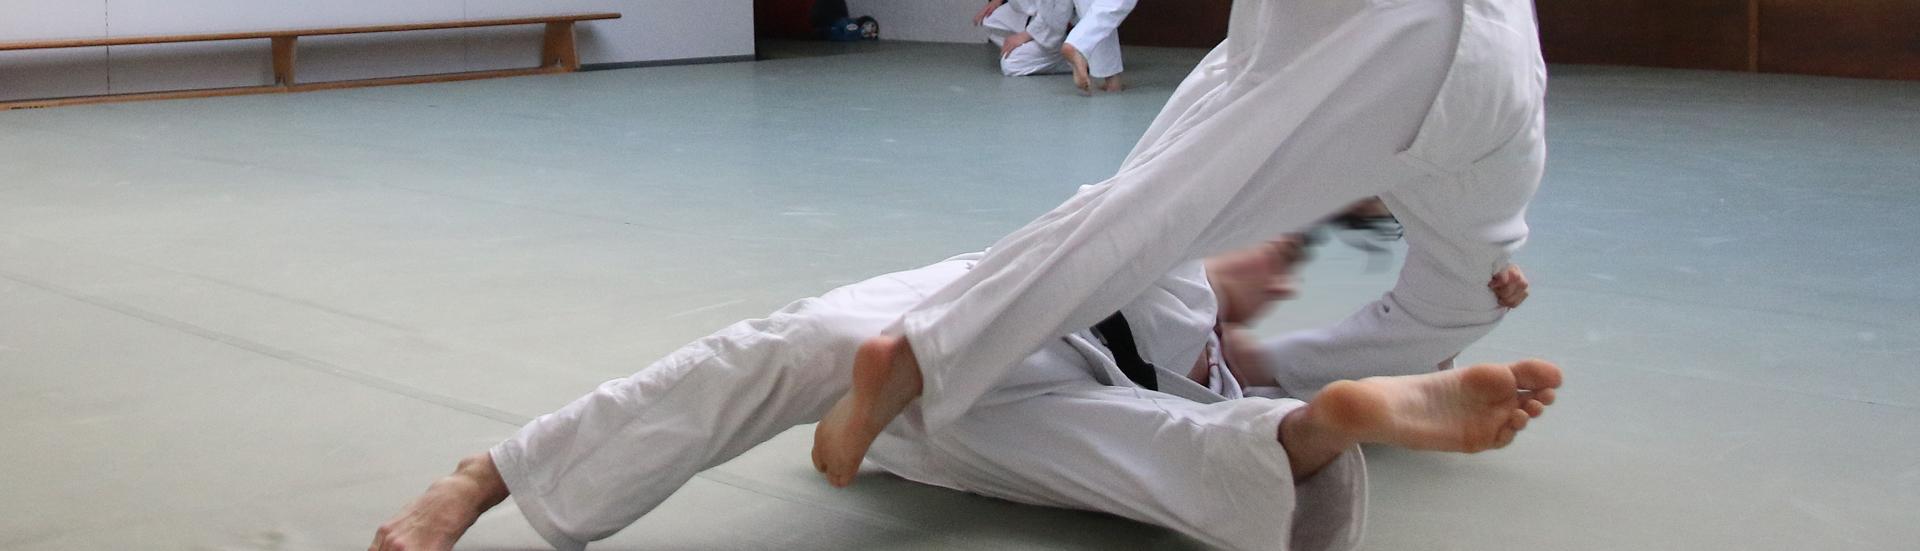 Banner_Judo_1920px_Breite